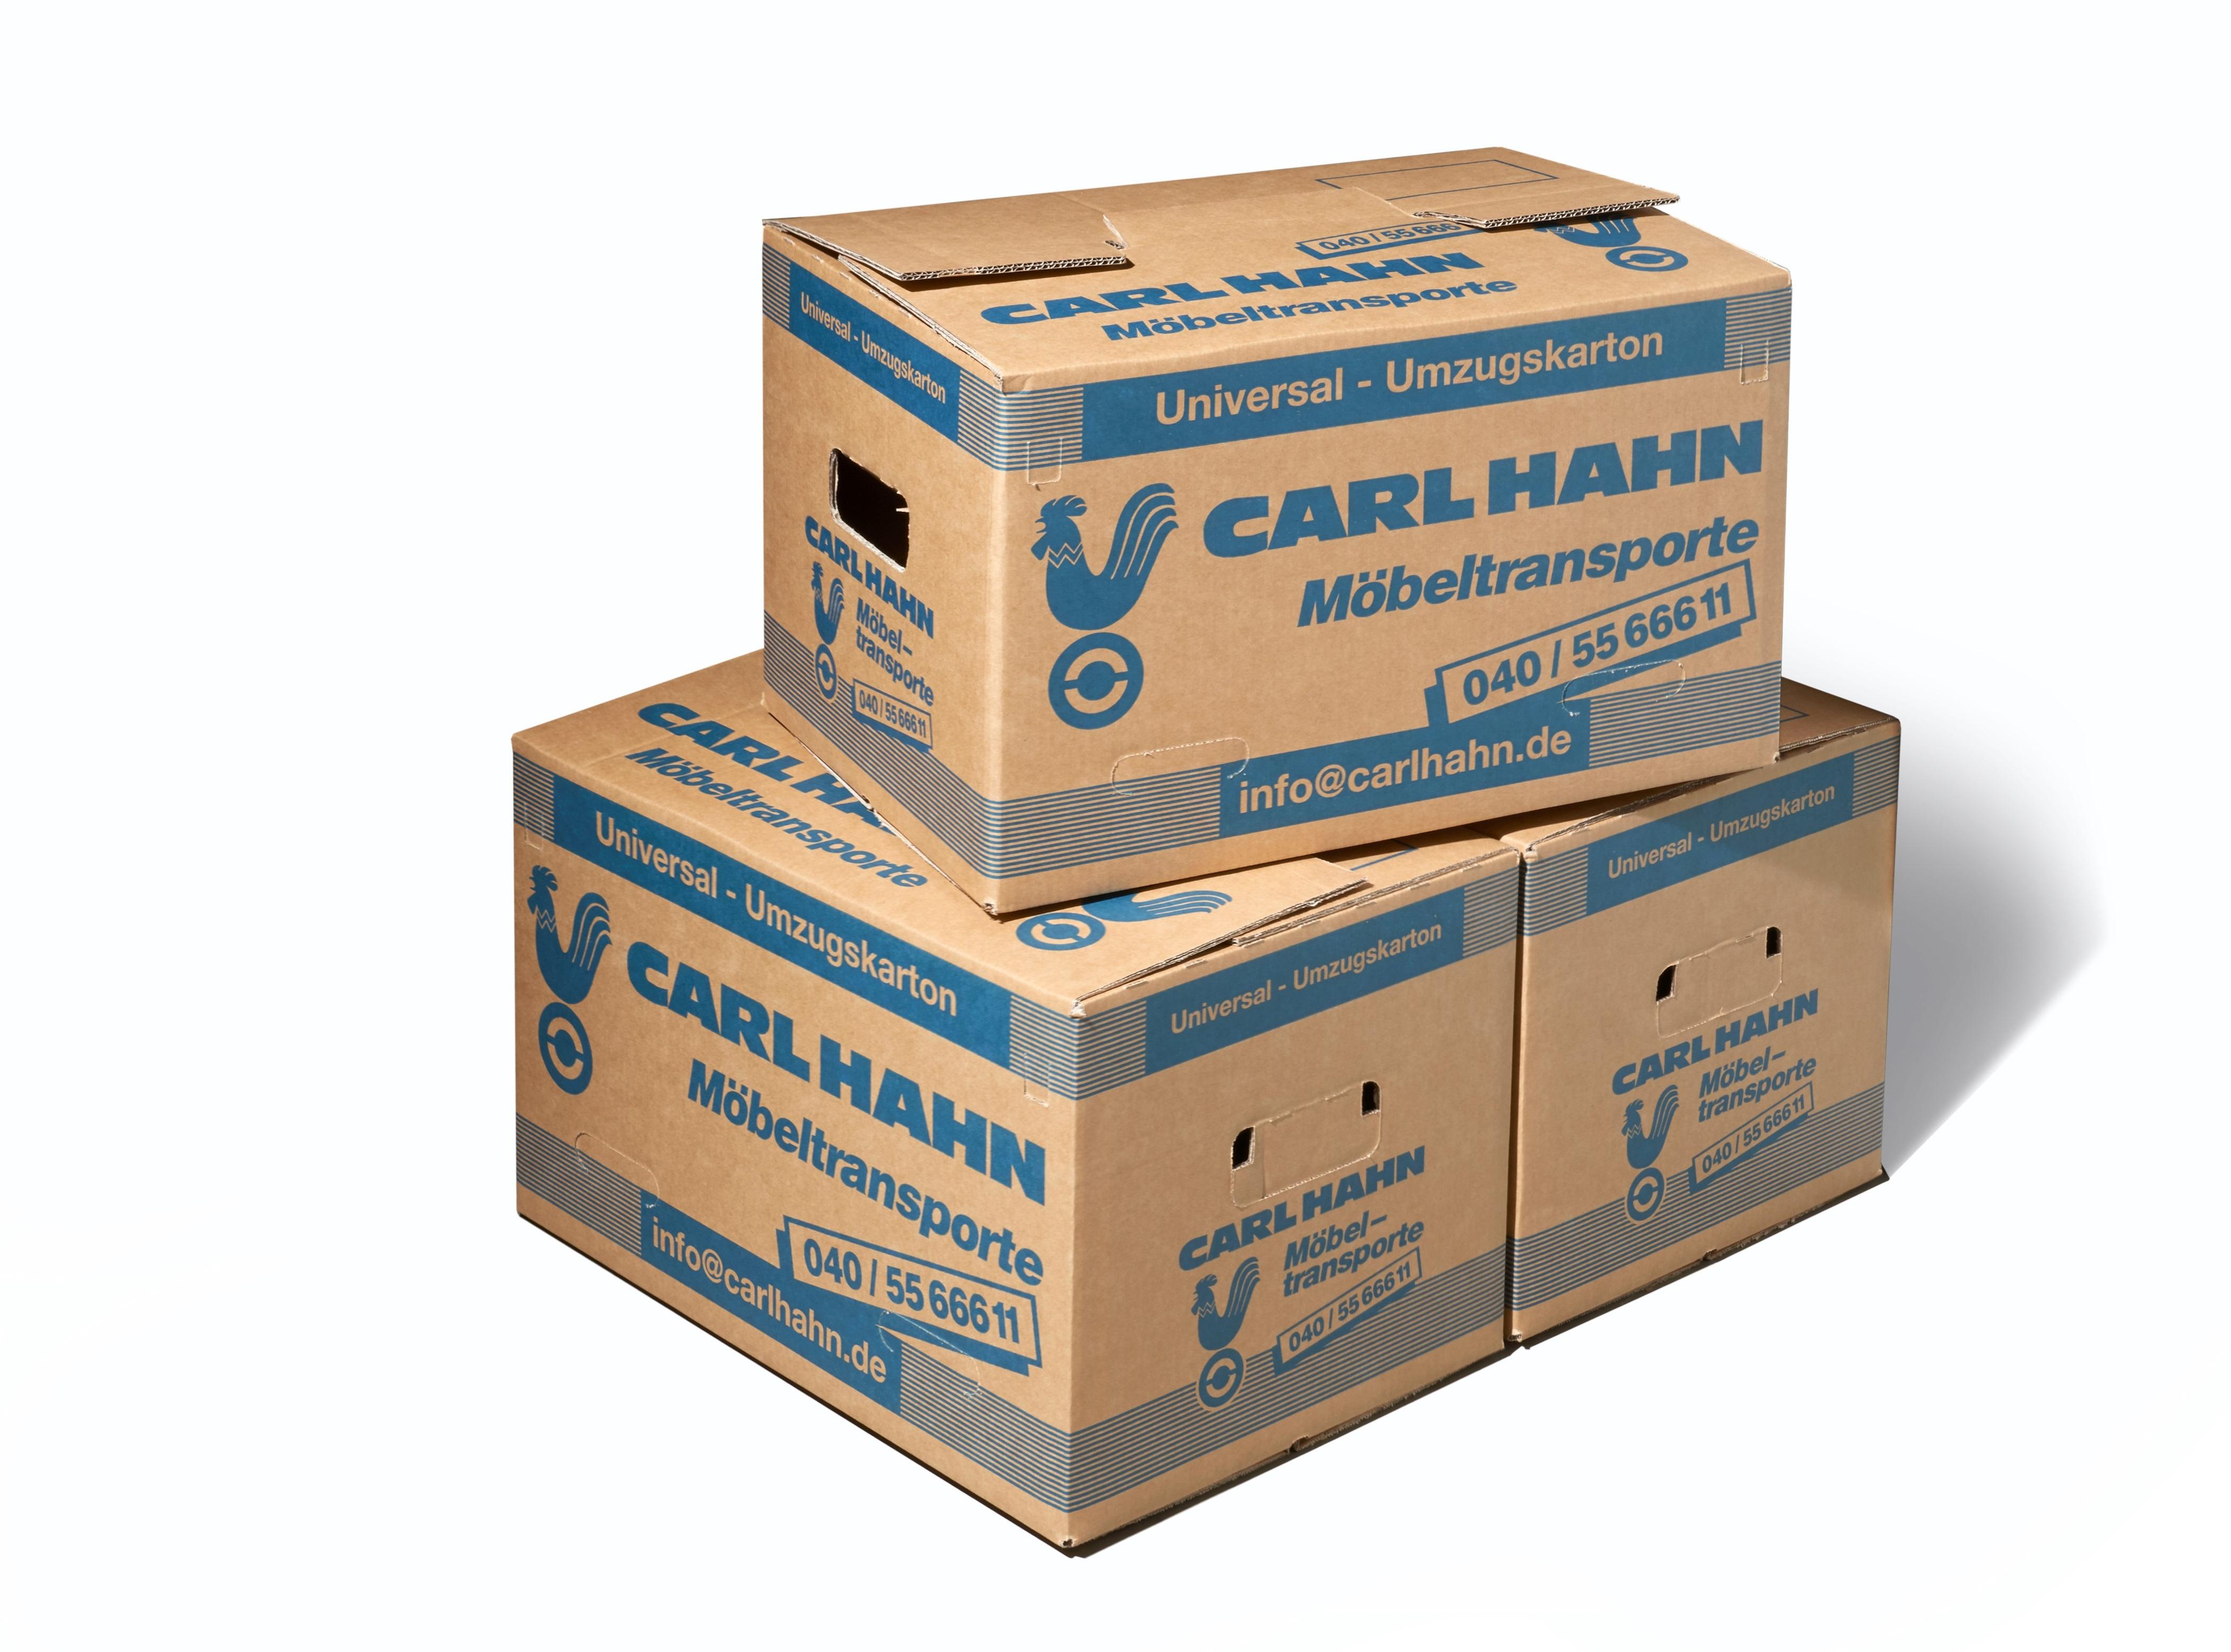 Universalumzugskartons-CARLHAHN